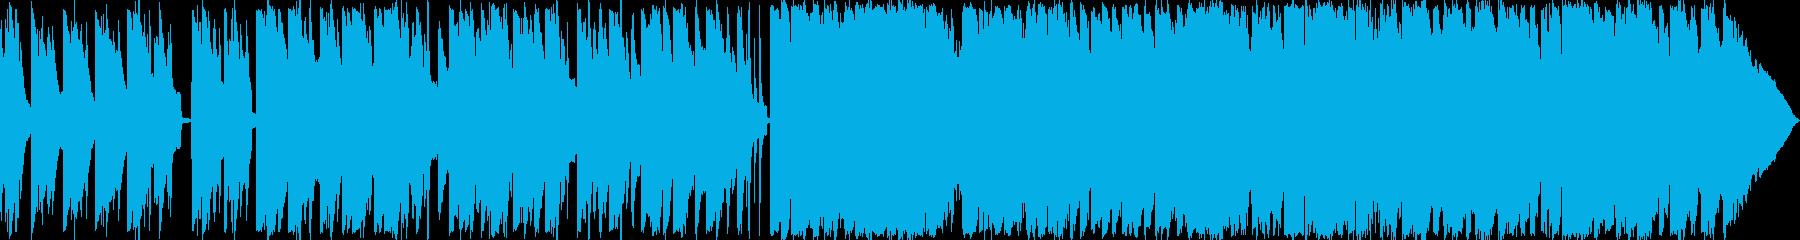 北欧の民族音楽風な楽曲の再生済みの波形